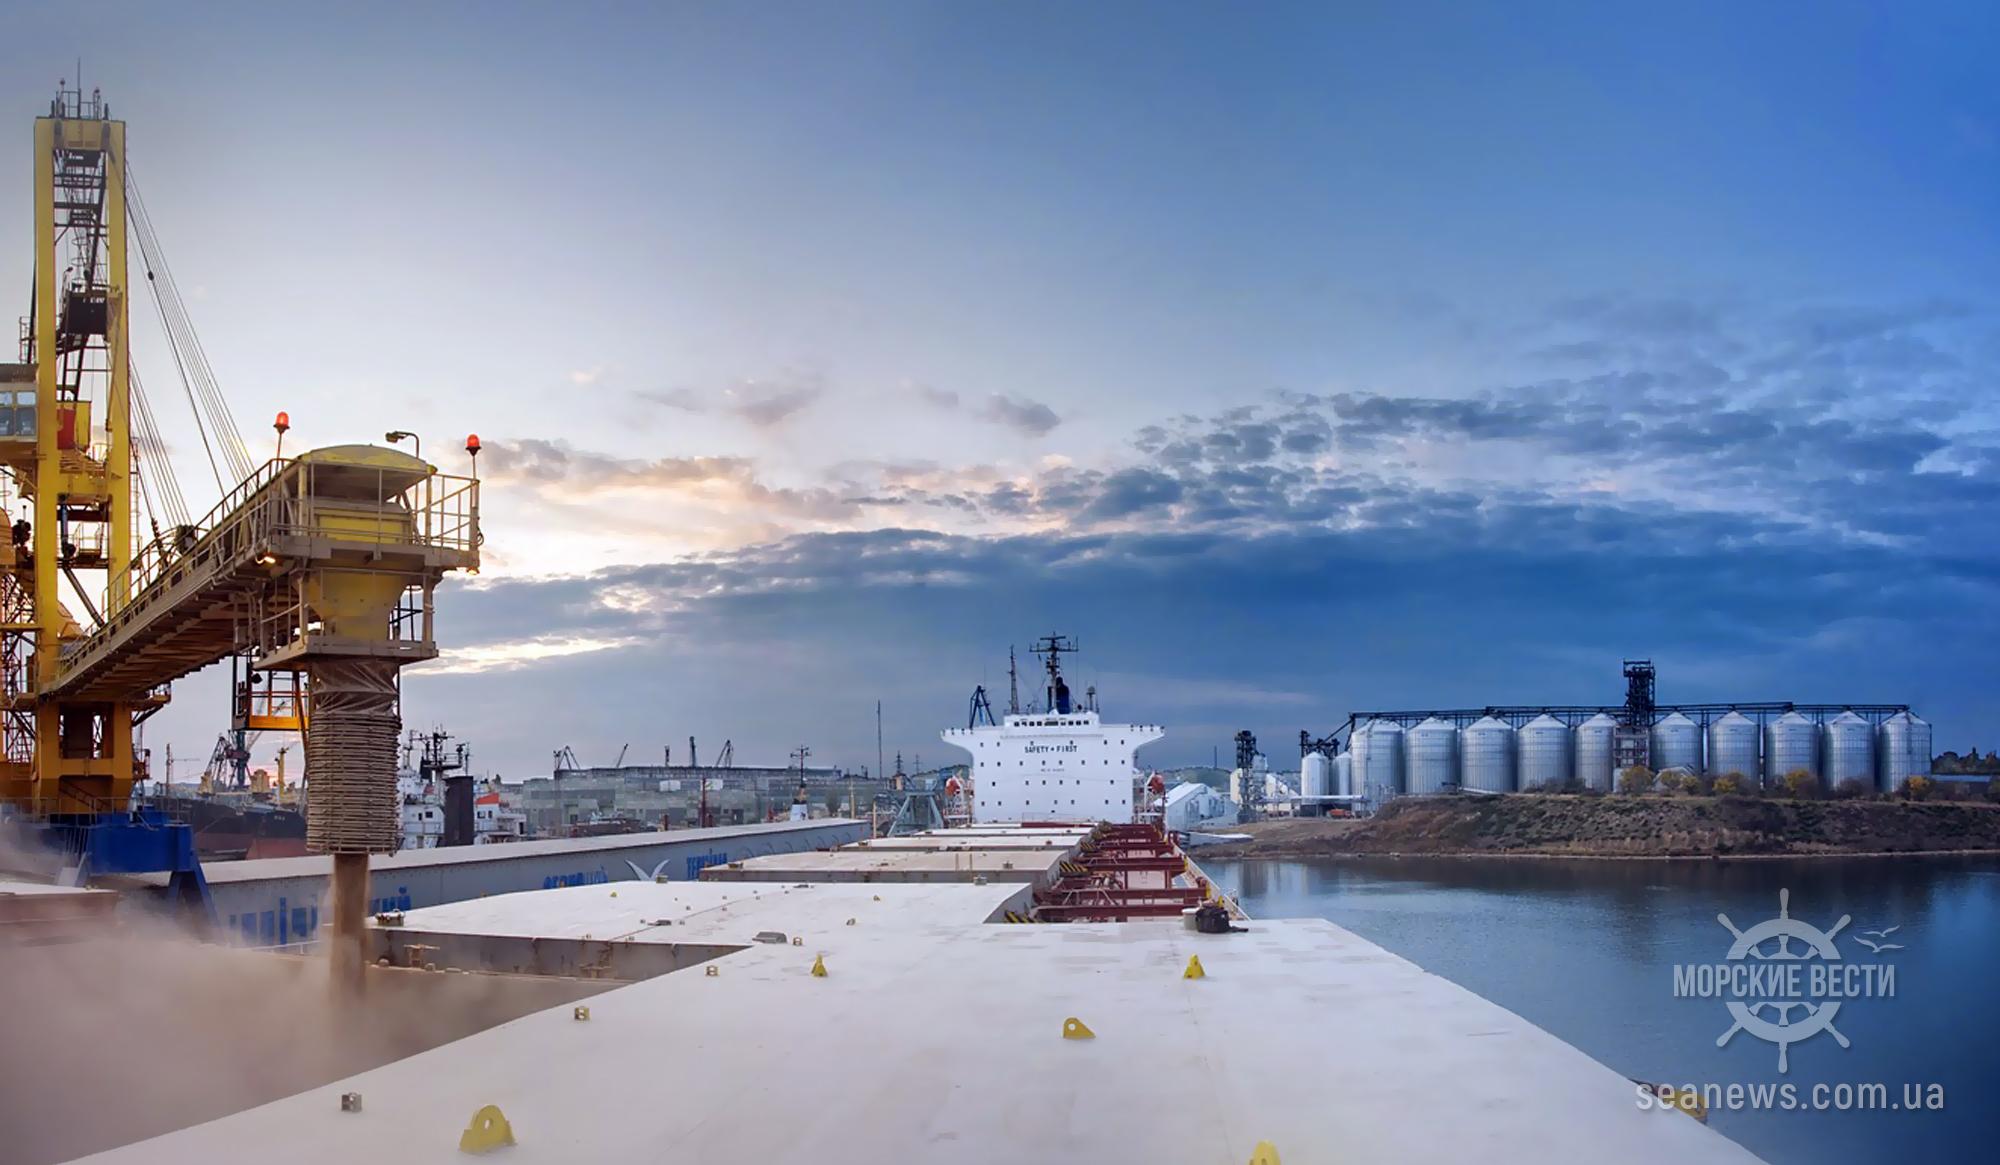 Пятерка морских портов-лидеров перевалила 91% всех хлебных грузов в Украине